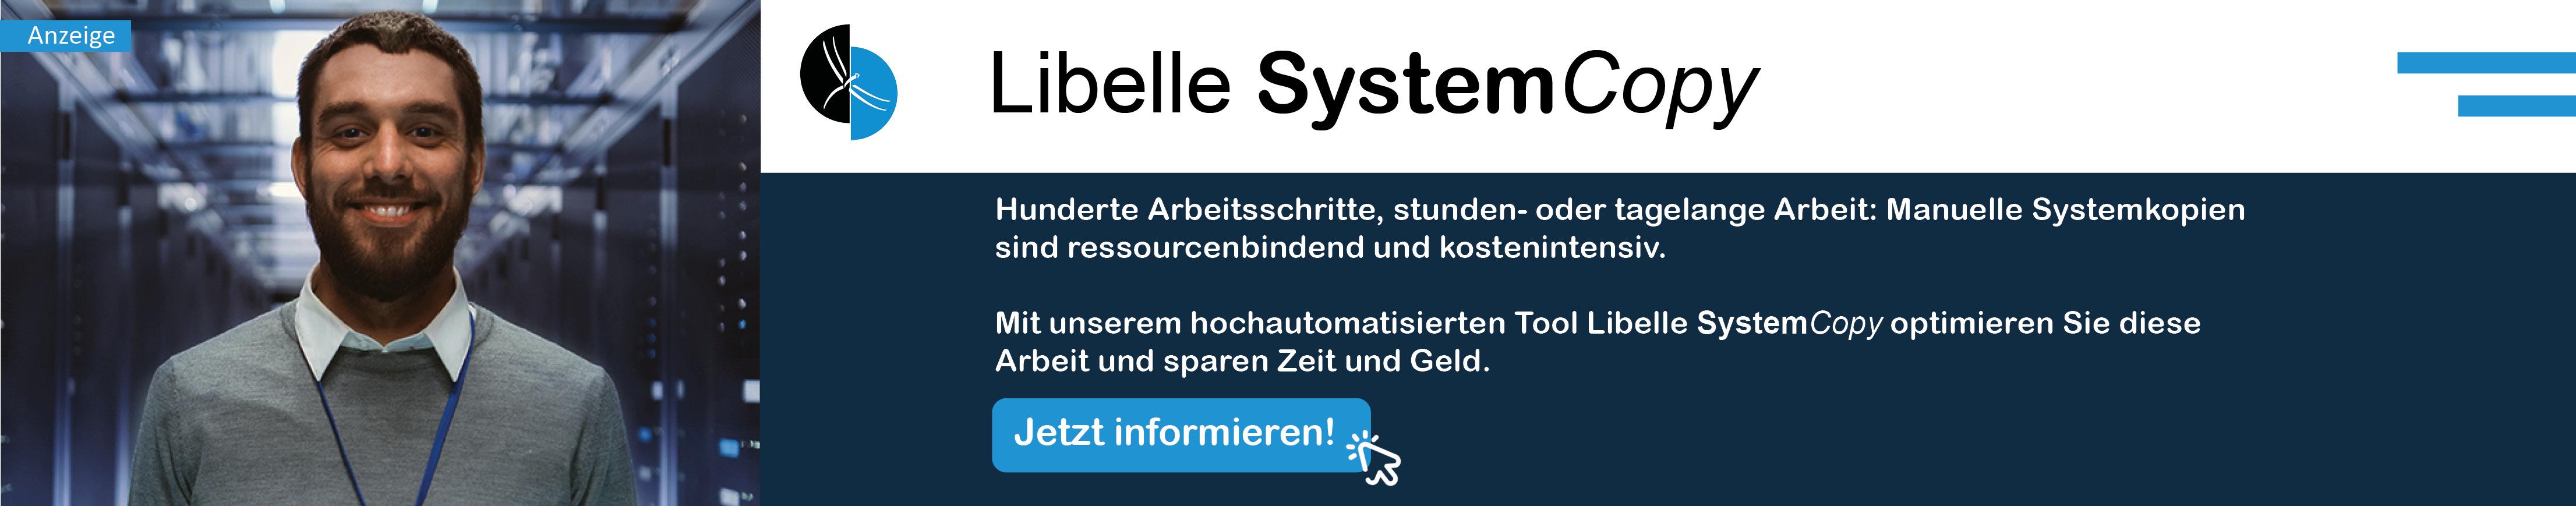 Libelle SystemCopy Werbung